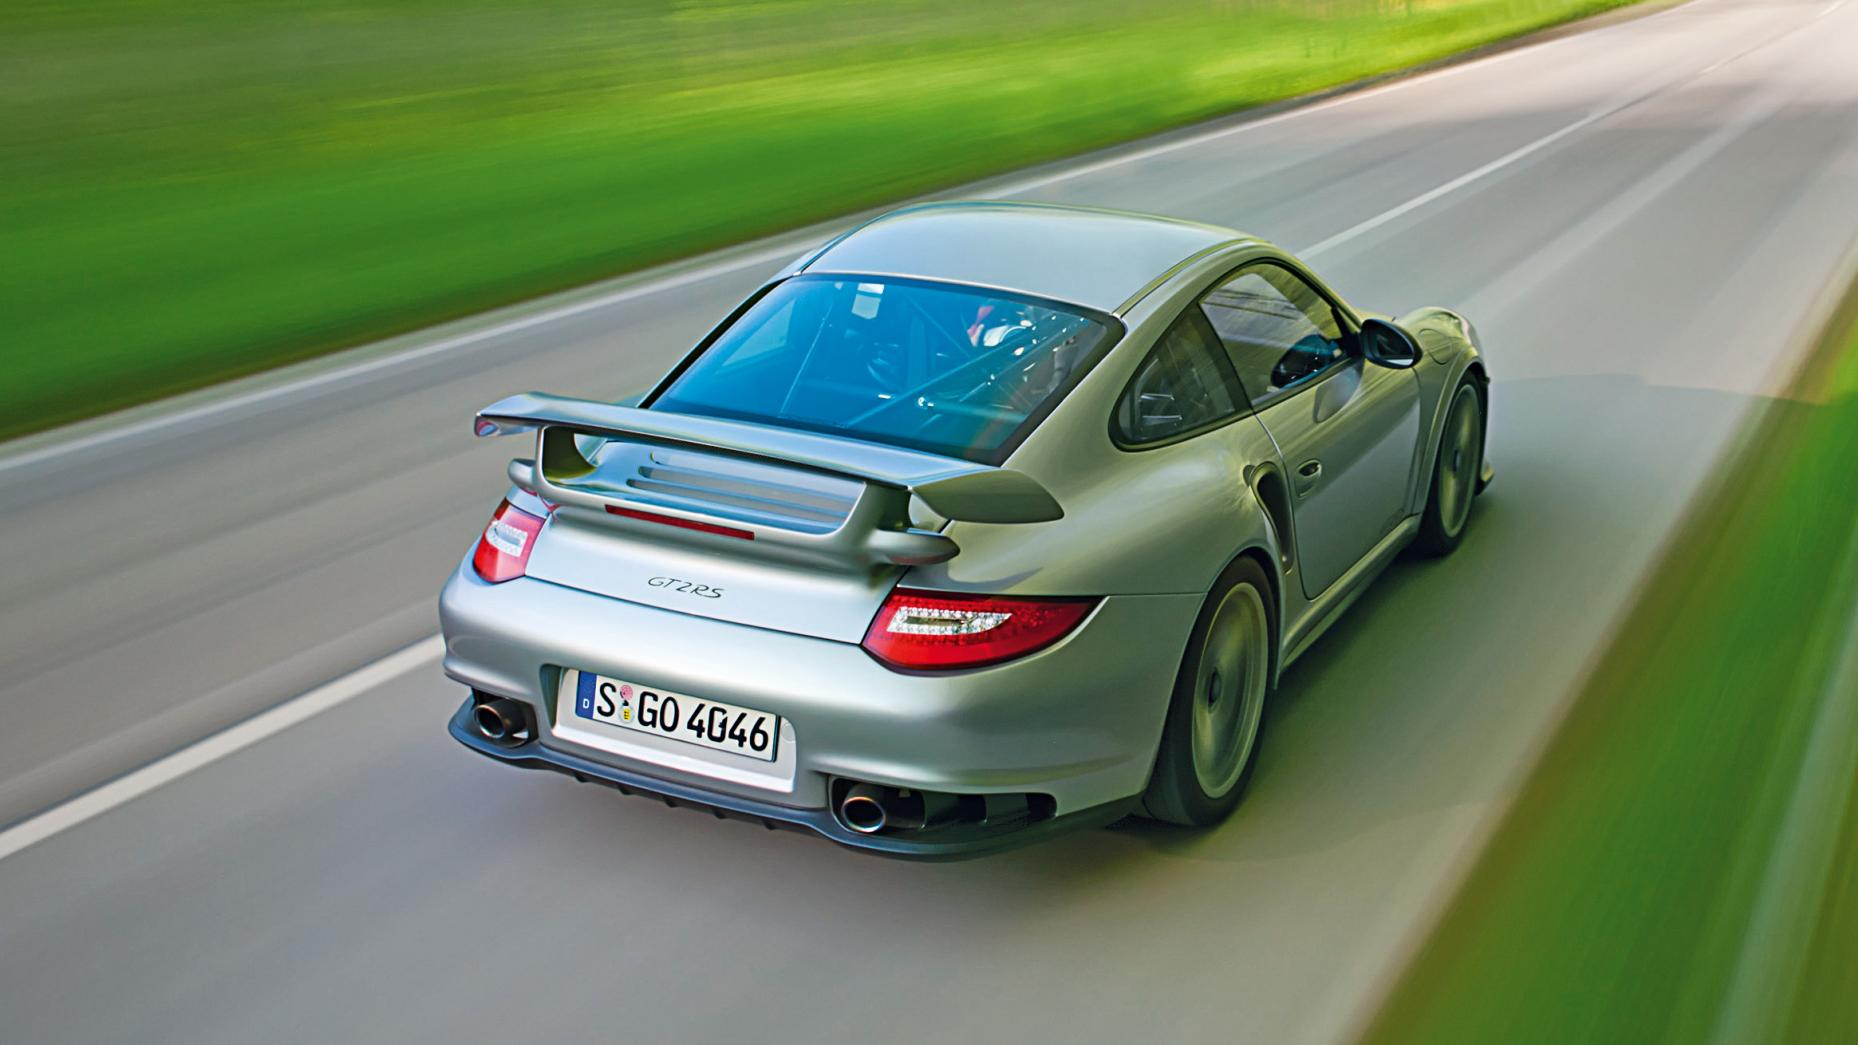 El Porsche 911 GT2 RS iba dirigido a clientes que buscaban un monstruo